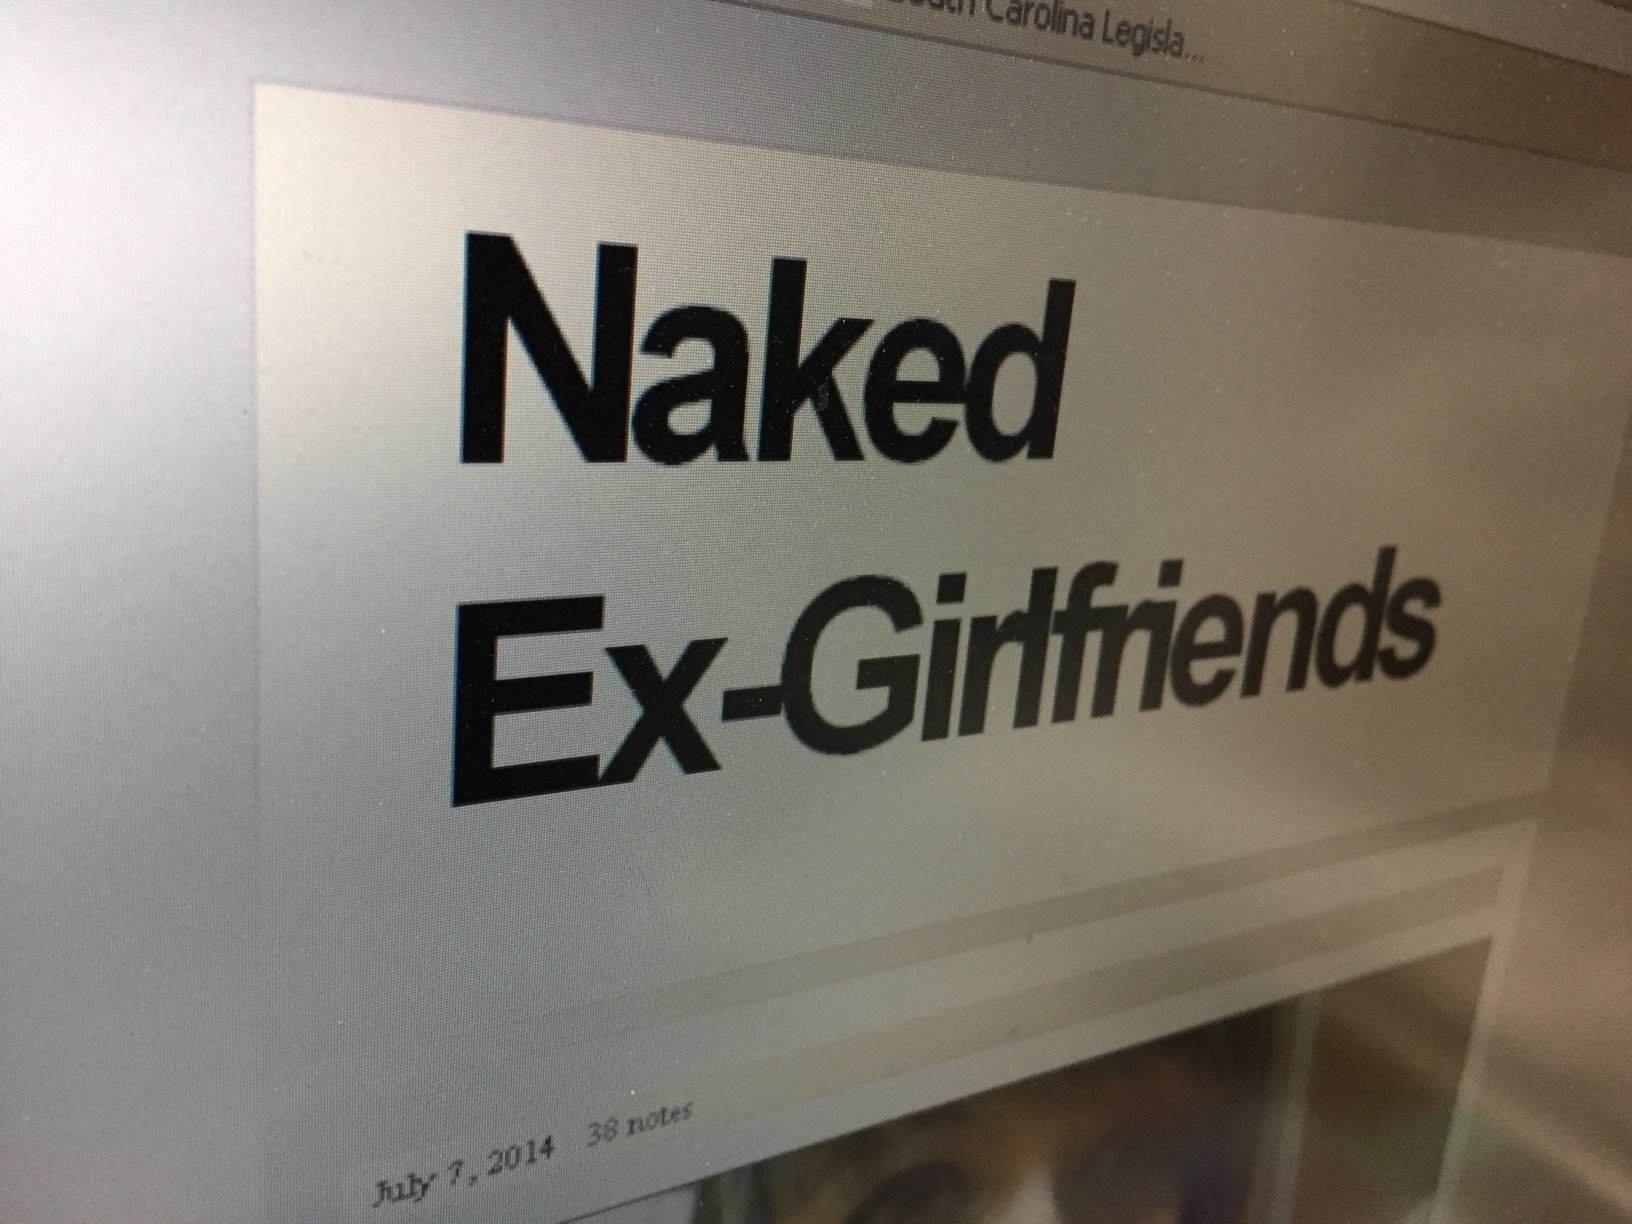 rsz_naked_ex-girlfriends_website_290631